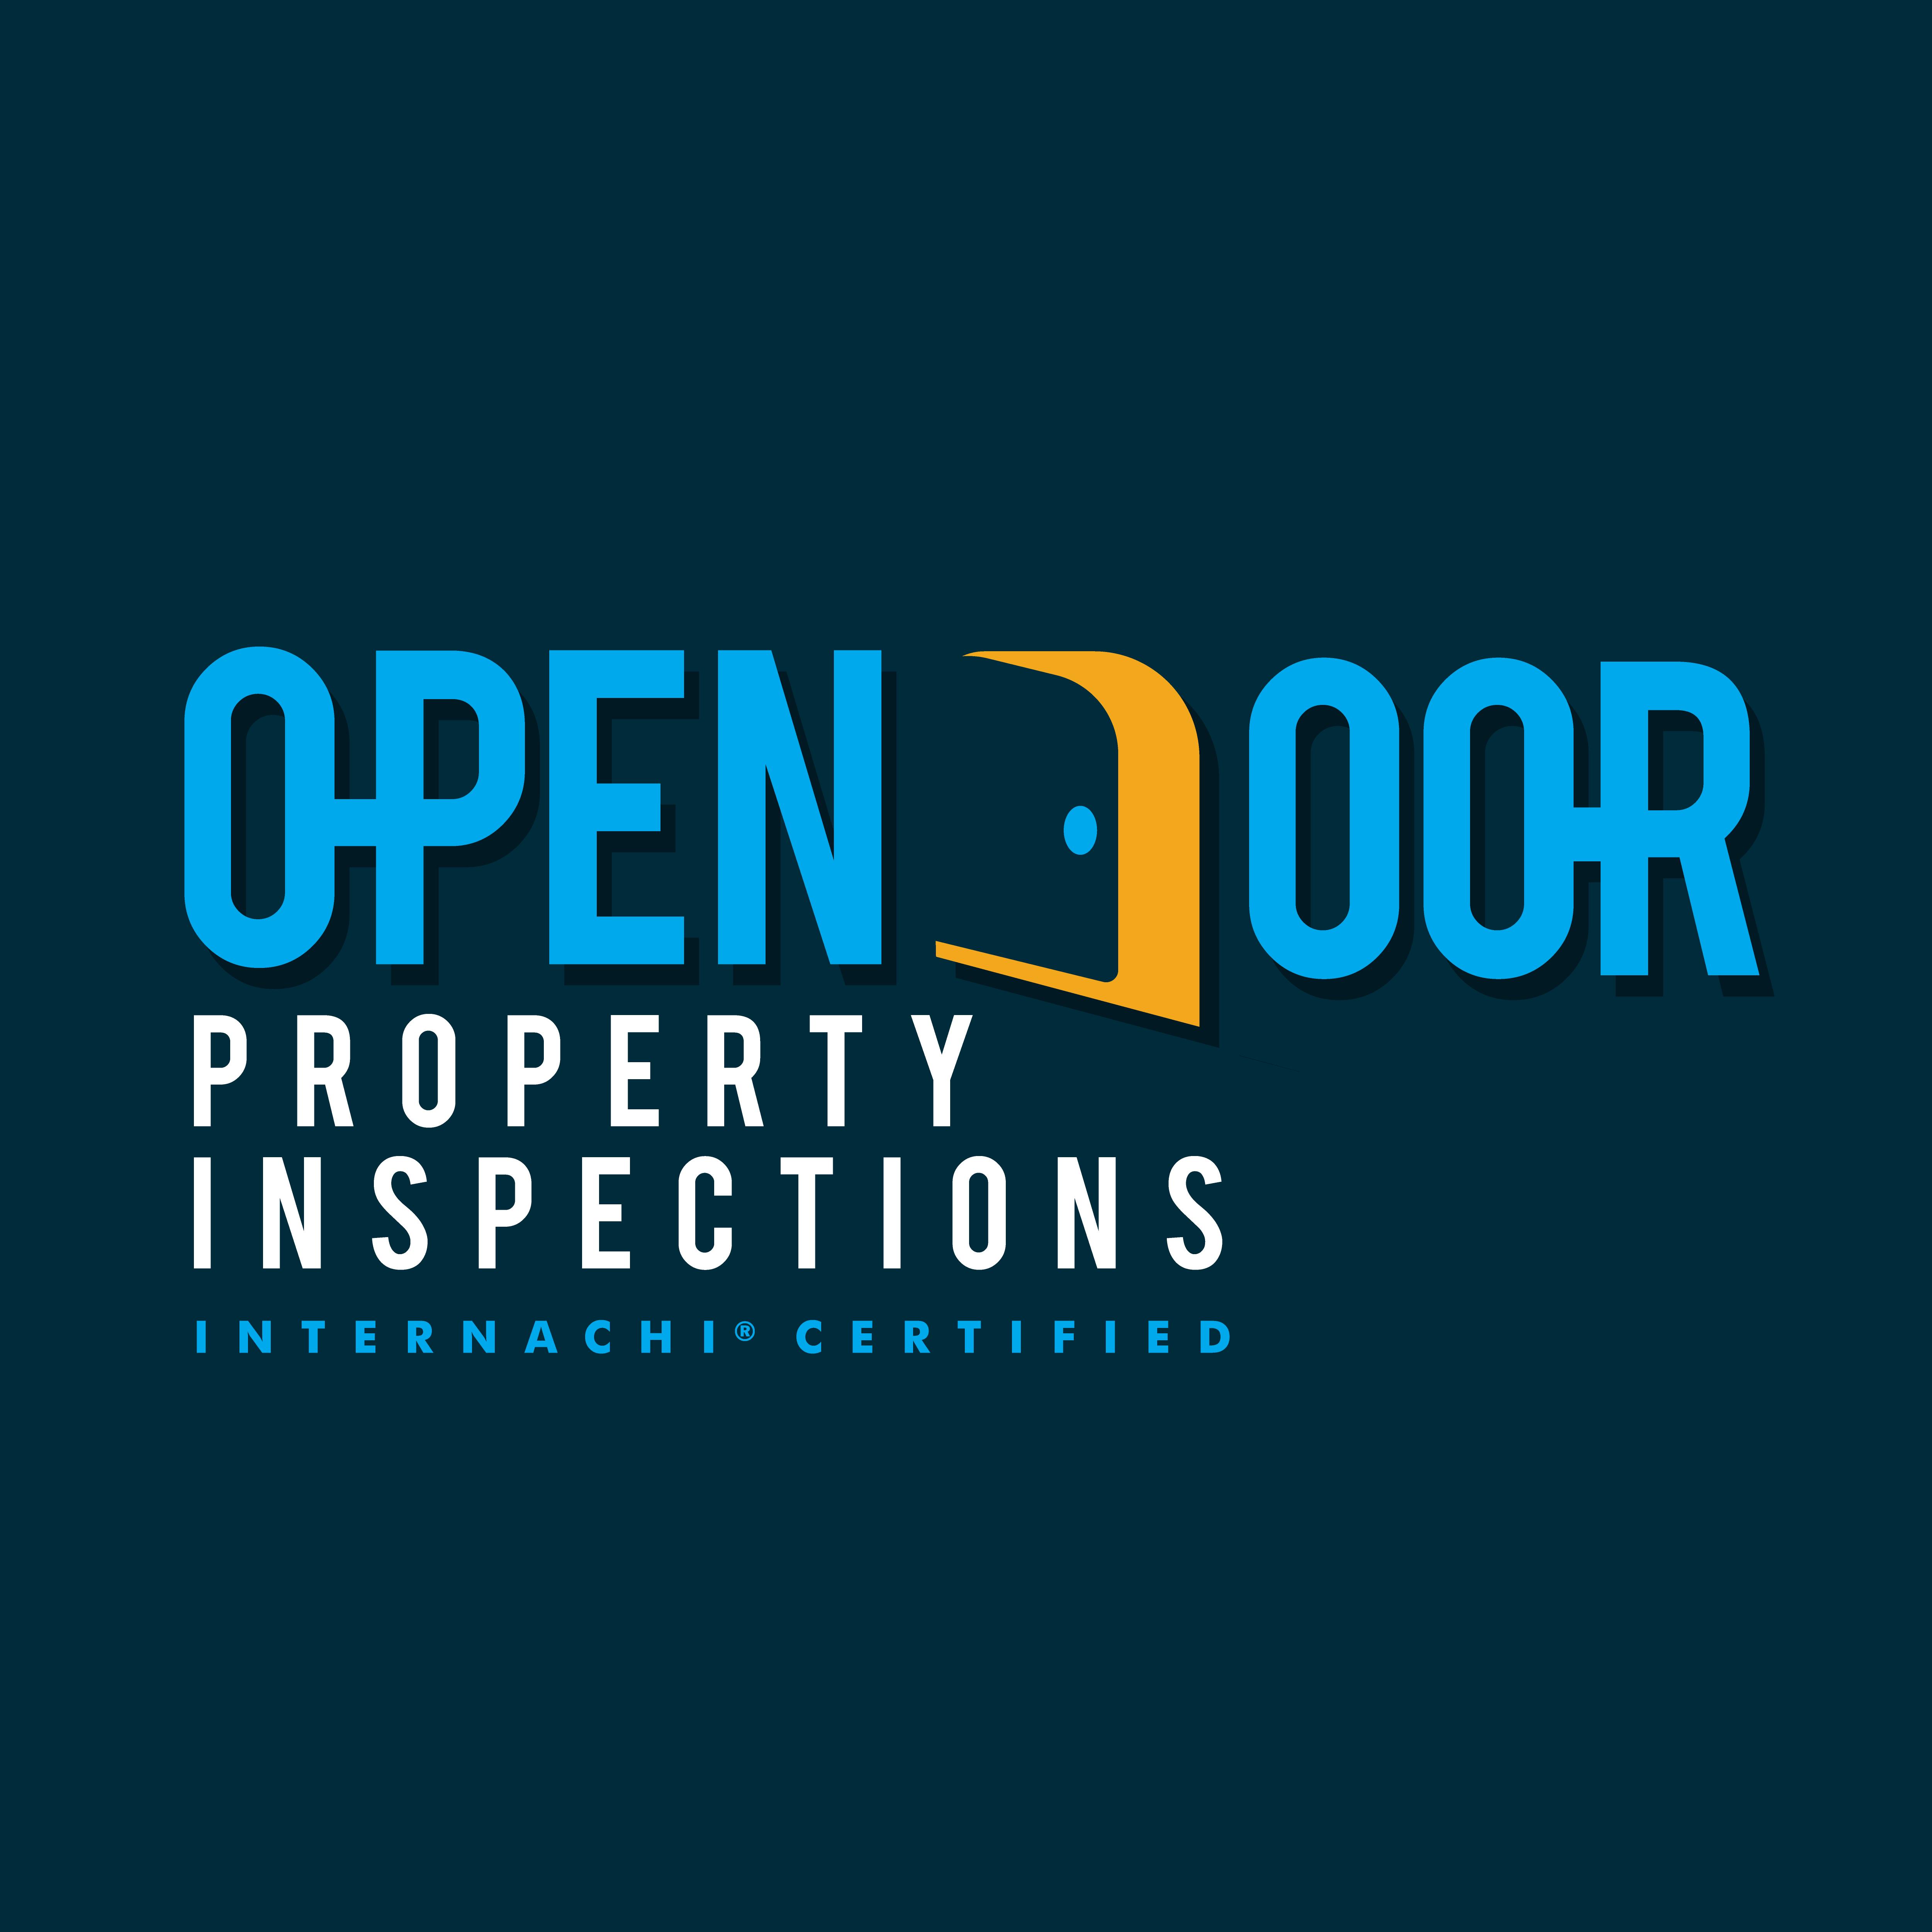 Open door logo %283%29